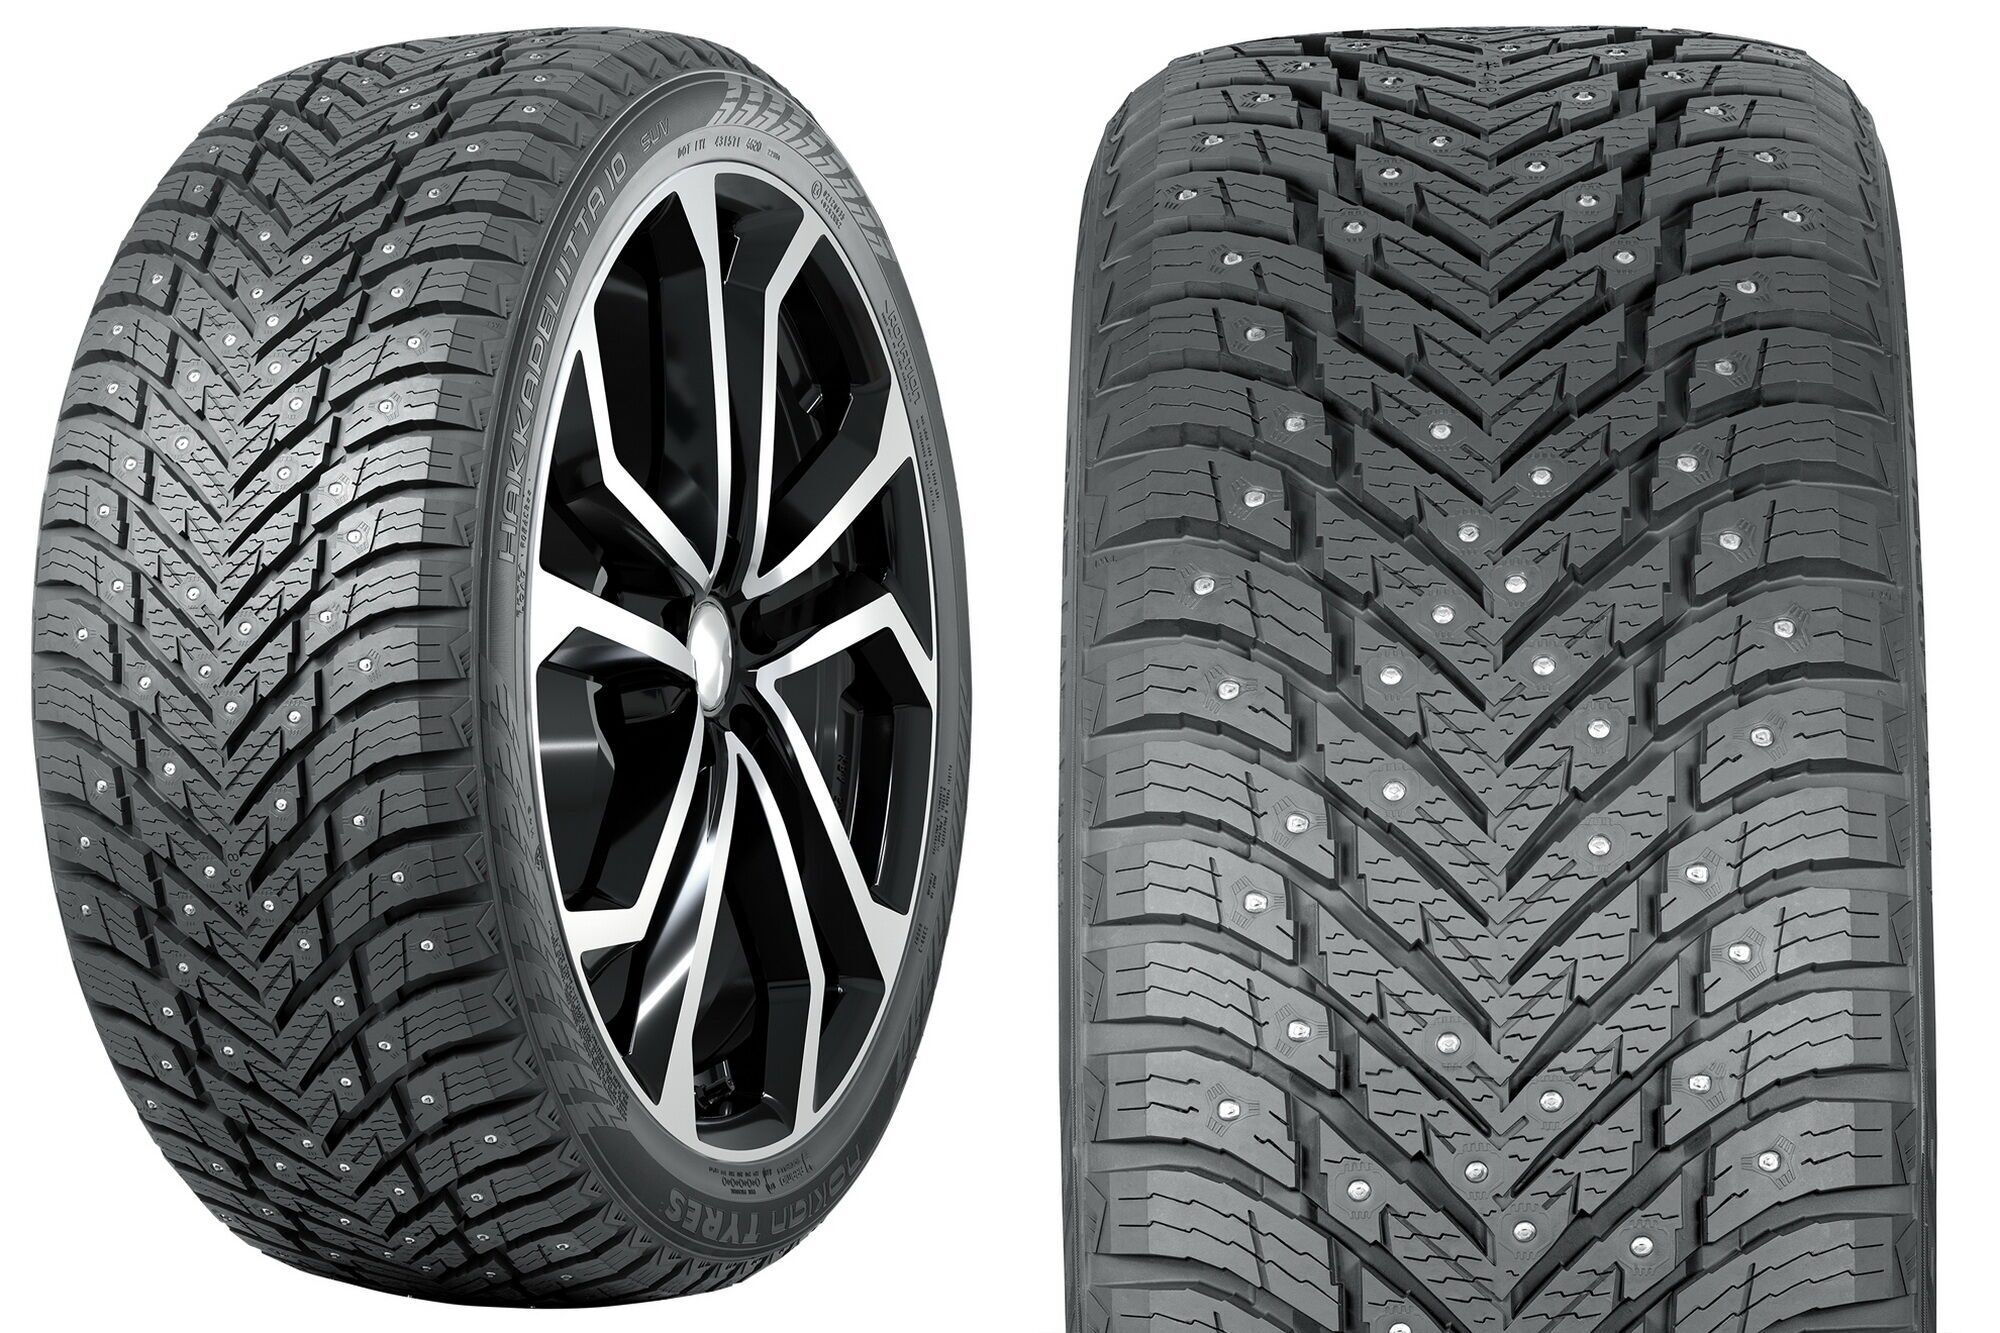 Hakkapeliitta 10 SUV для кроссоверов и SUV имеет более агрессивный дизайн и усиленную конструкцию